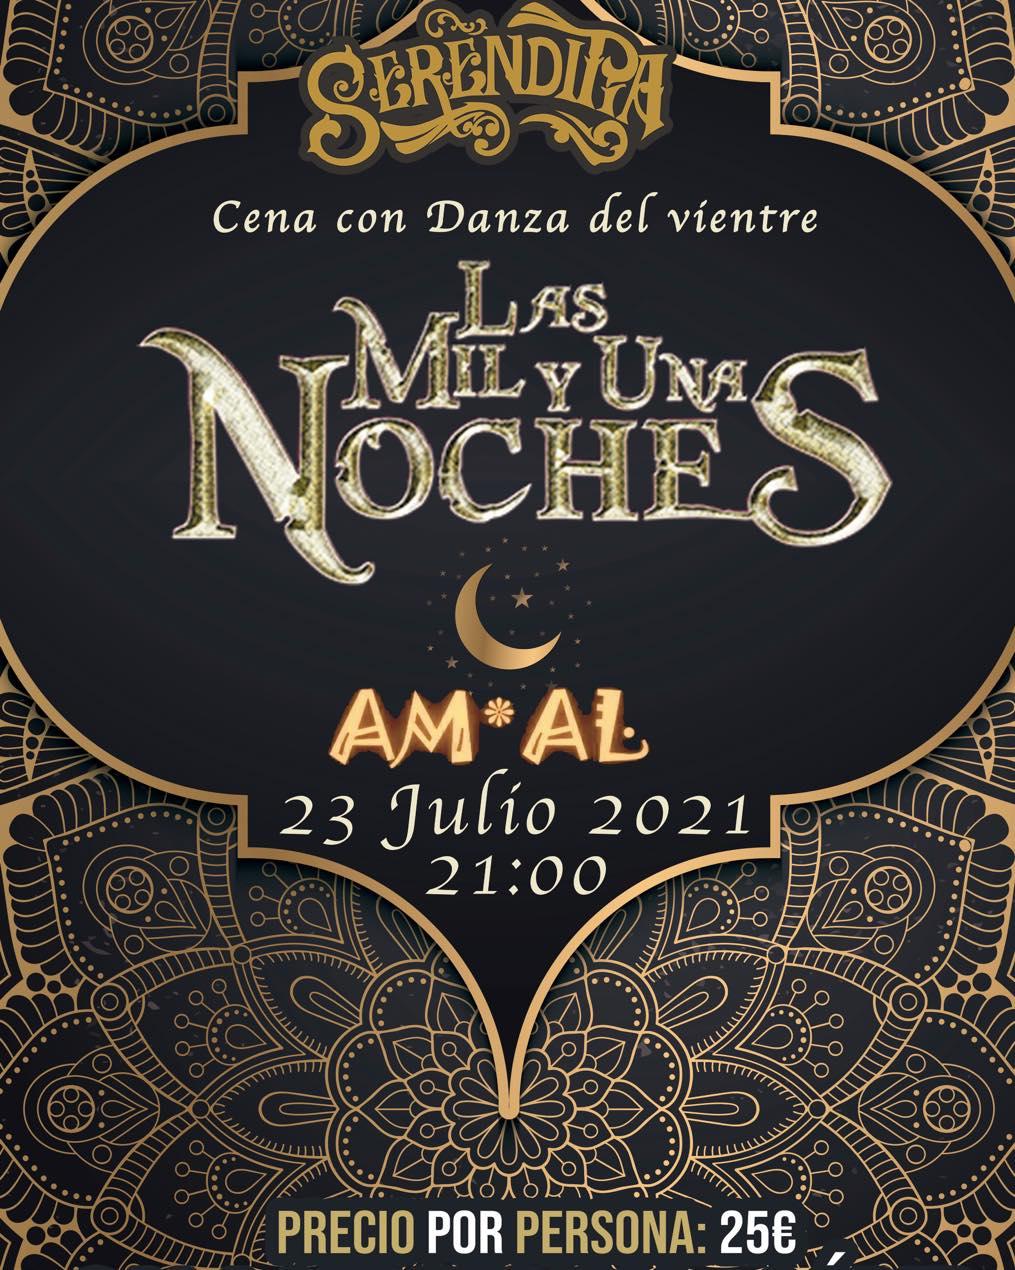 Cena con danza del vientre Am*al 'Las mil y una noches' en Sala Serendipia, Cádiz